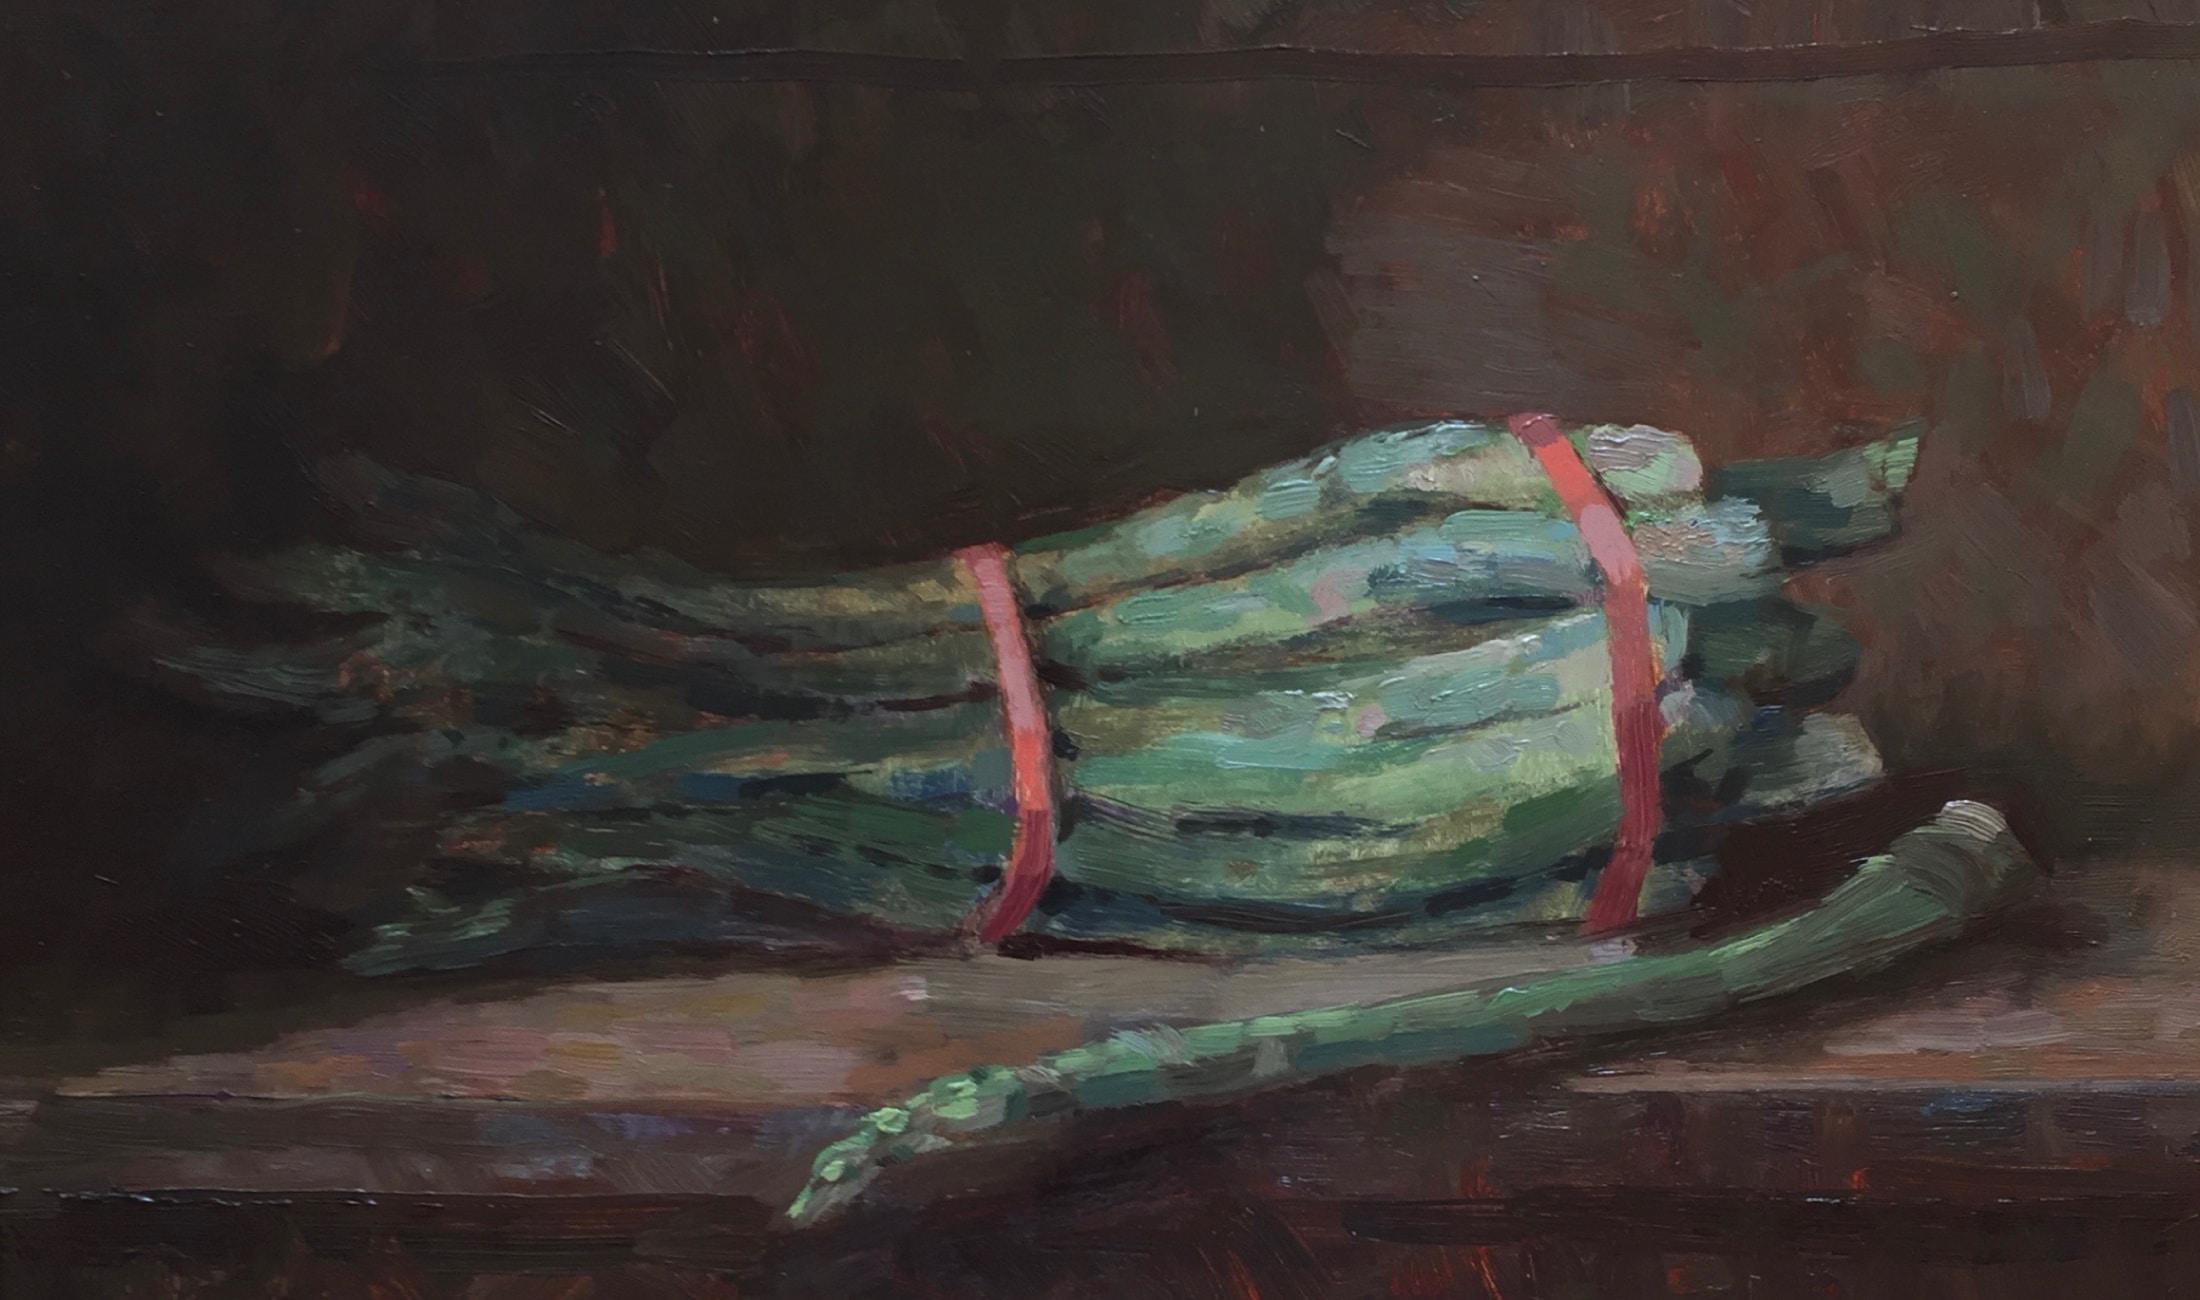 Leo Mancini-Hresko